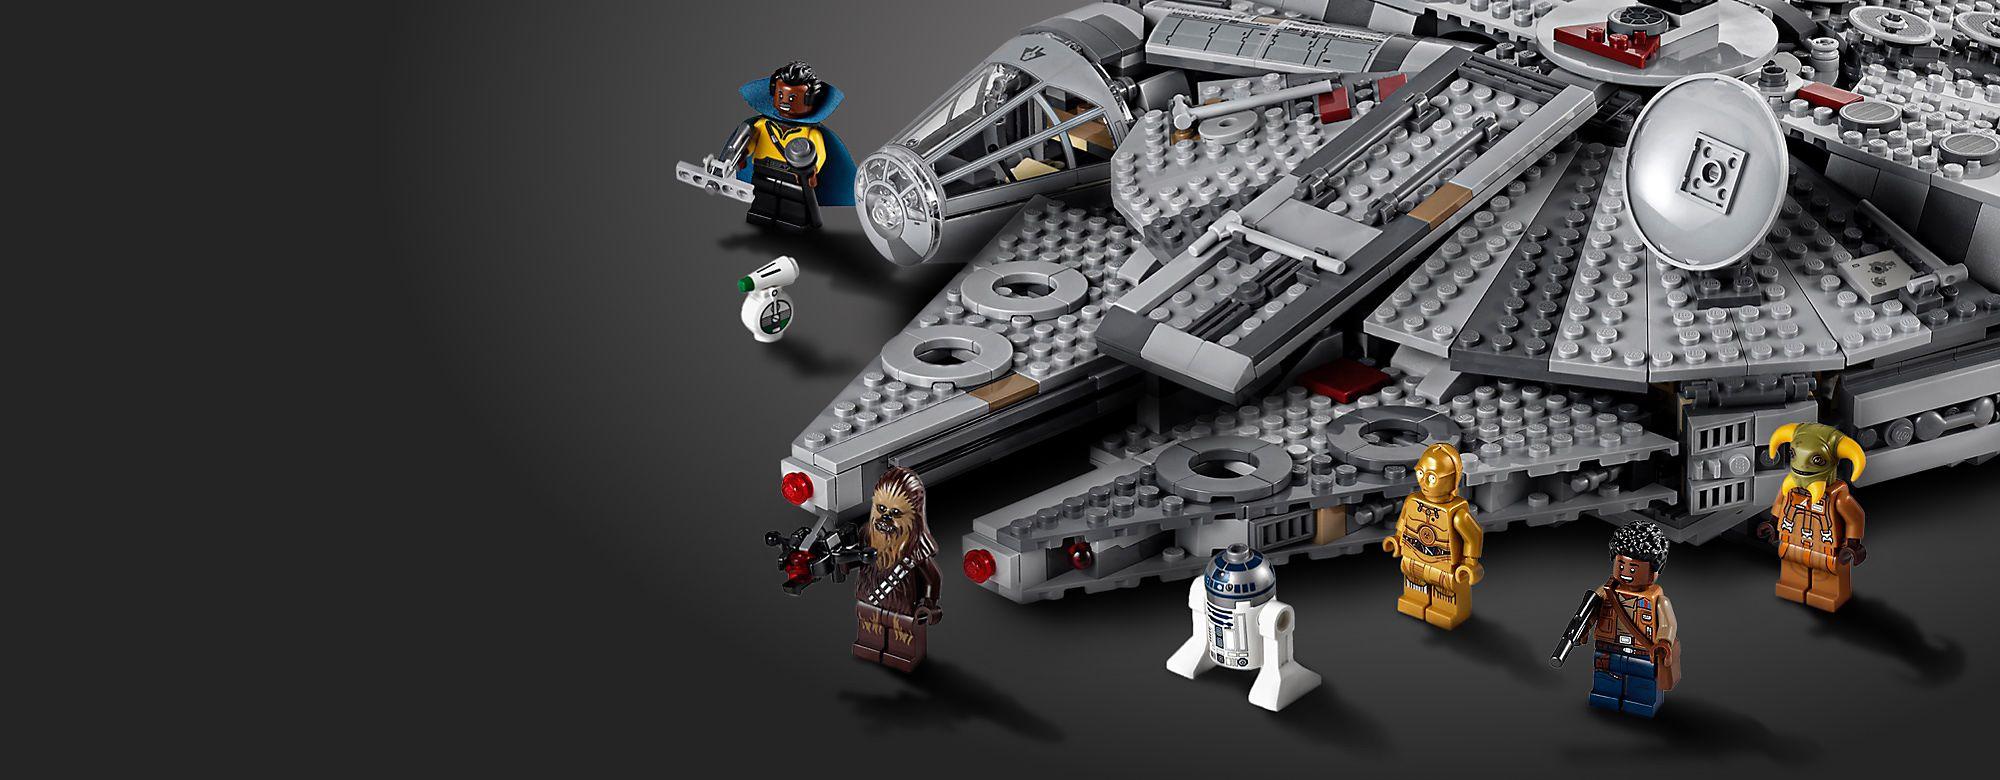 LEGO Inspiration für Fantasie und endlosen Spaß